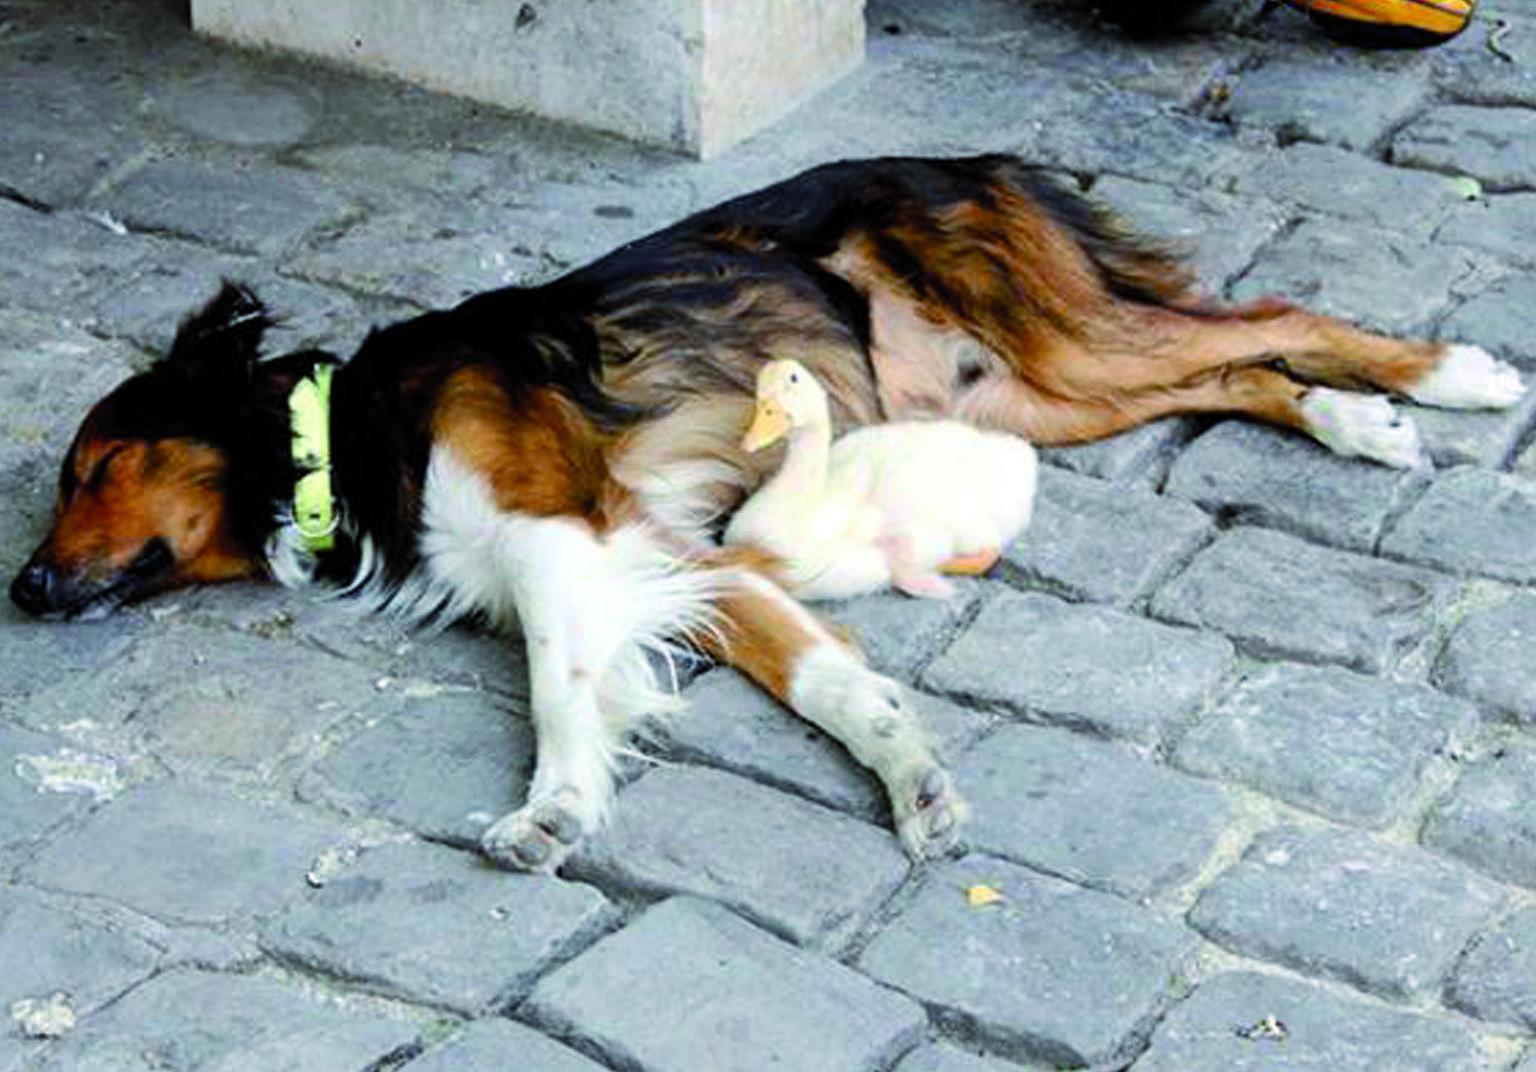 Il cane e la paperella coppia innamorata che commuove parigi - Cane allo specchio ...